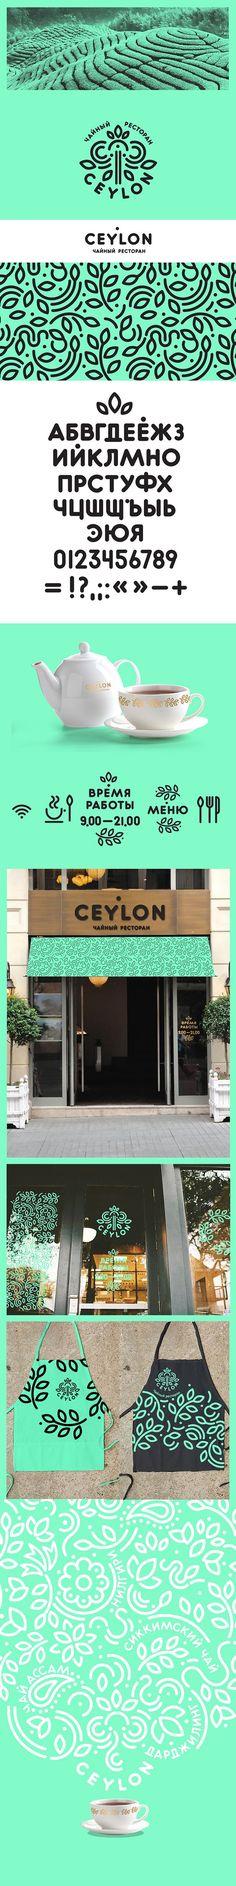 CEYLON tea restaurant by Rushavel Sultanov, via Behance: